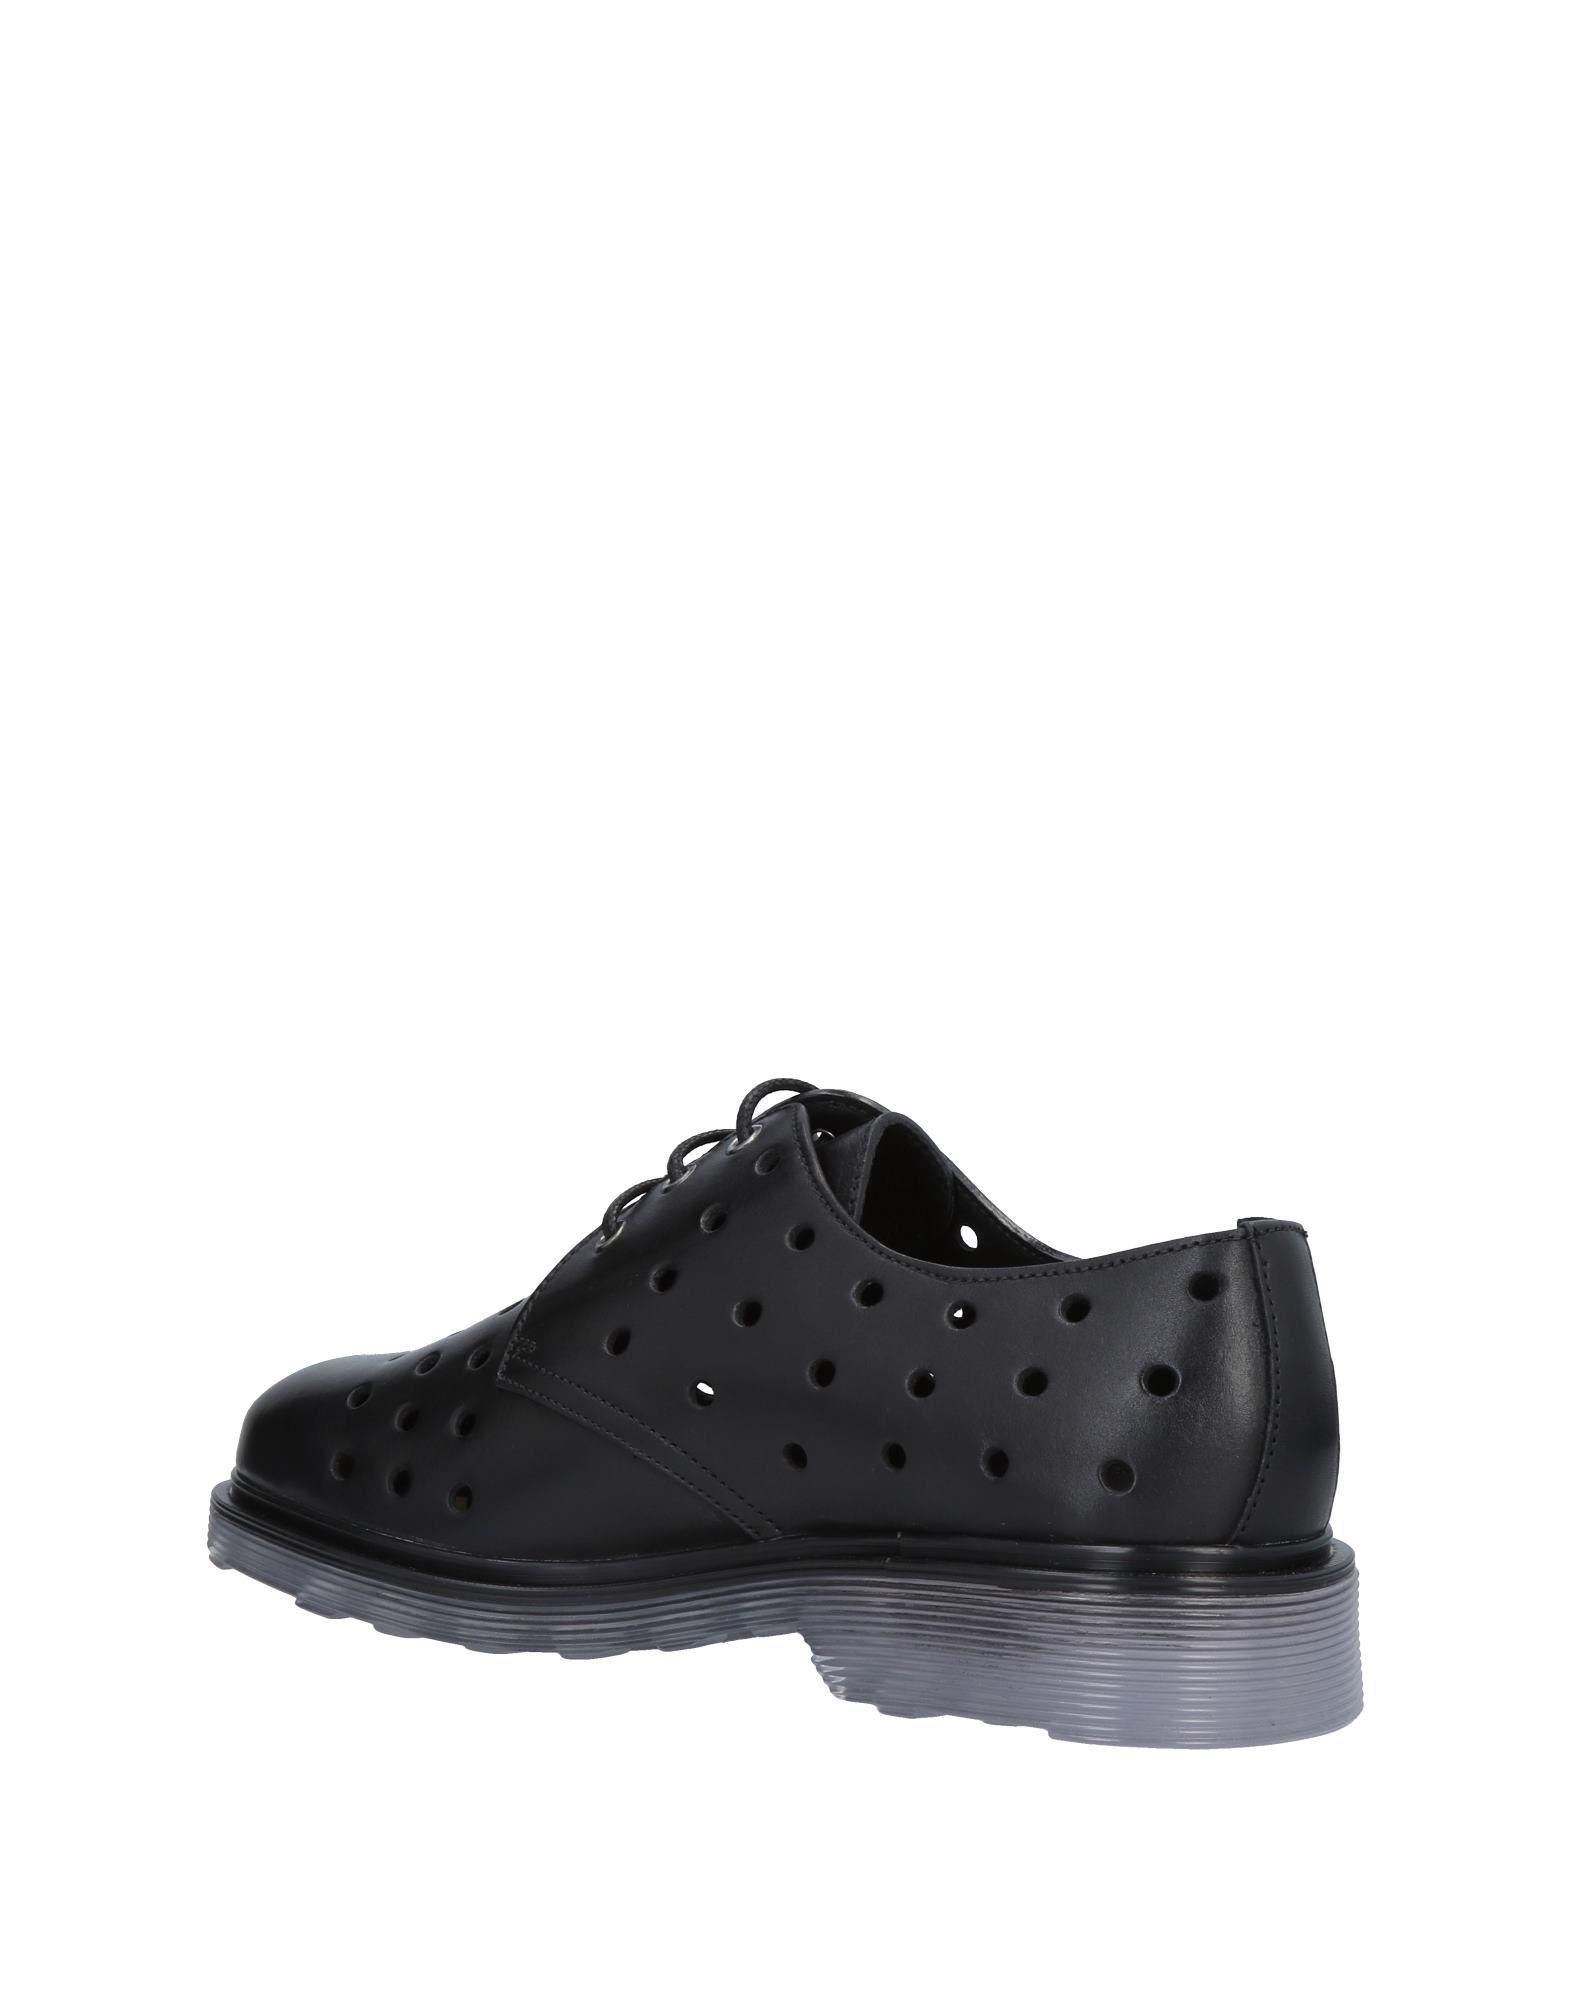 Cult Schnürschuhe Schuhe Herren  11475780PD Heiße Schuhe Schnürschuhe 2d363b